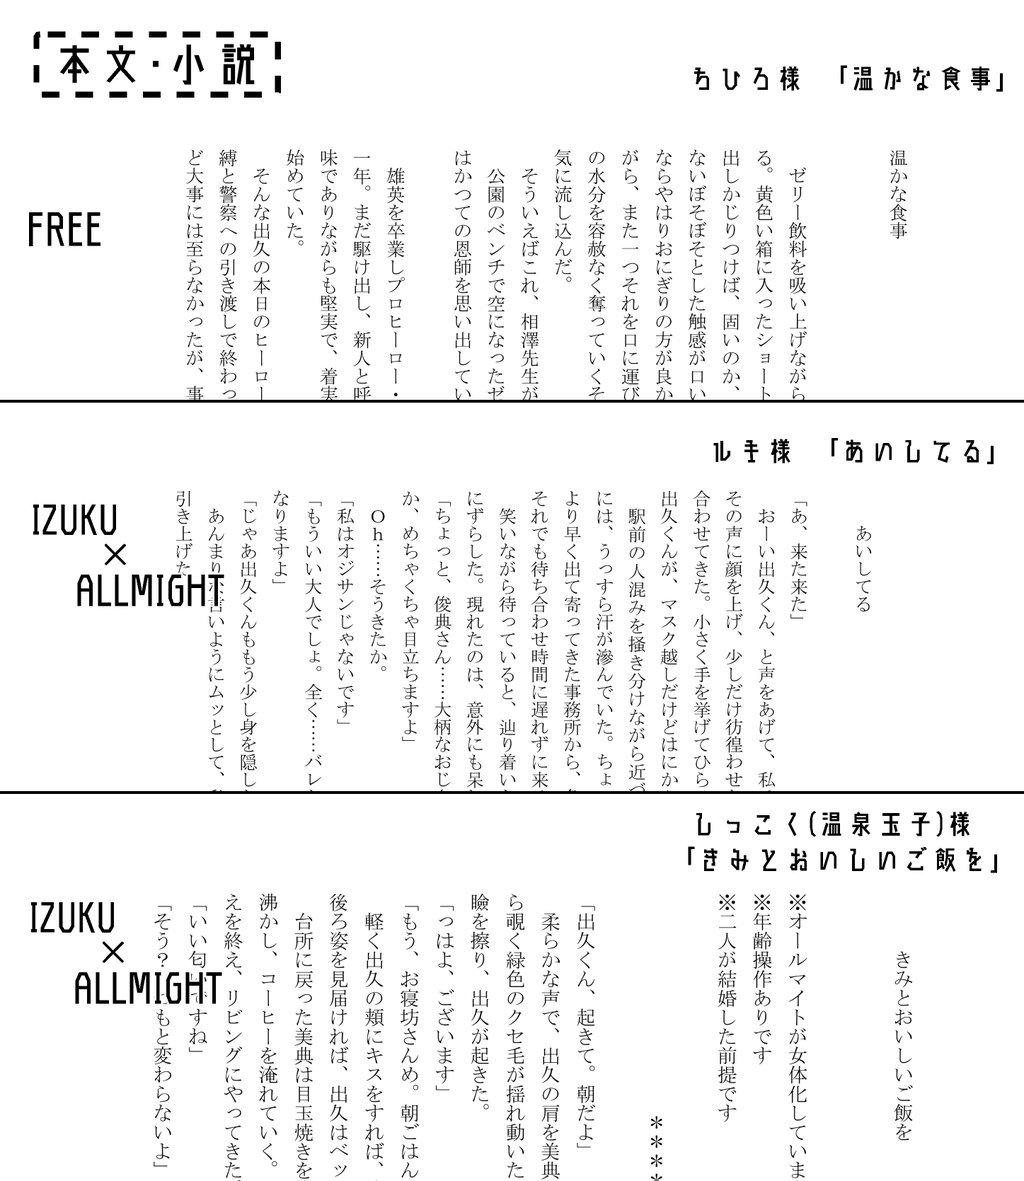 【サンプル公開】 本文のサンプルの一部を公開致します。詳しいサンプルはpixivにて後程公開致します。カラー口絵2名/漫画5名/小説3名